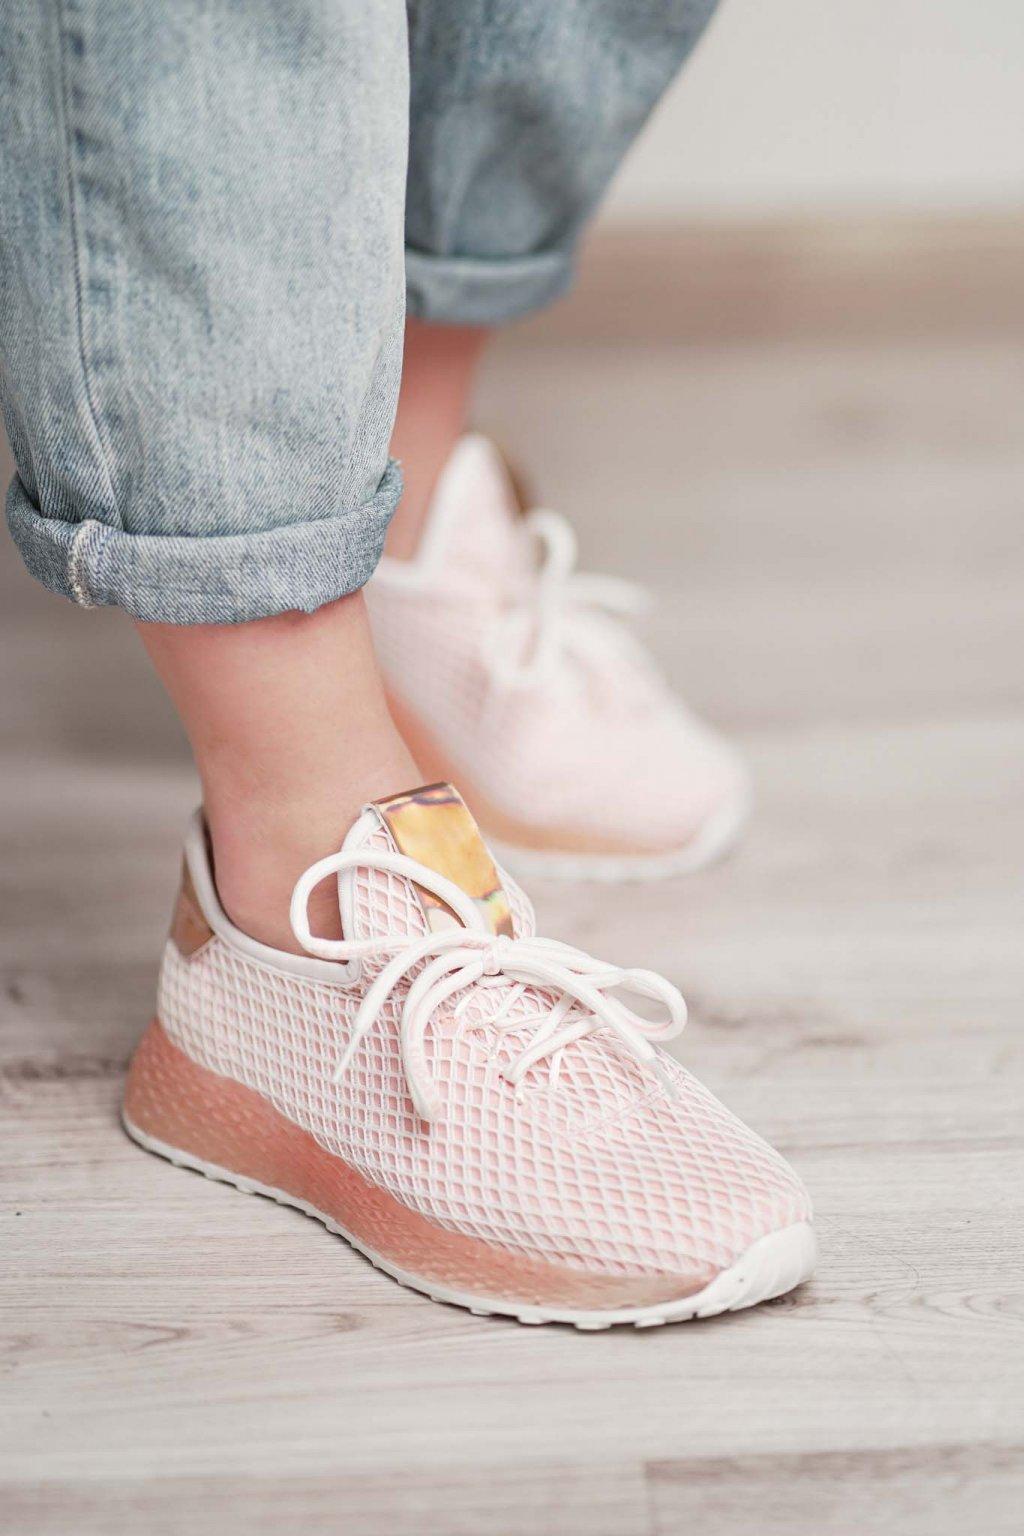 topánky, obuv, tenisky, botasky, lodičky, čižmy, šľapky, sandálky 444